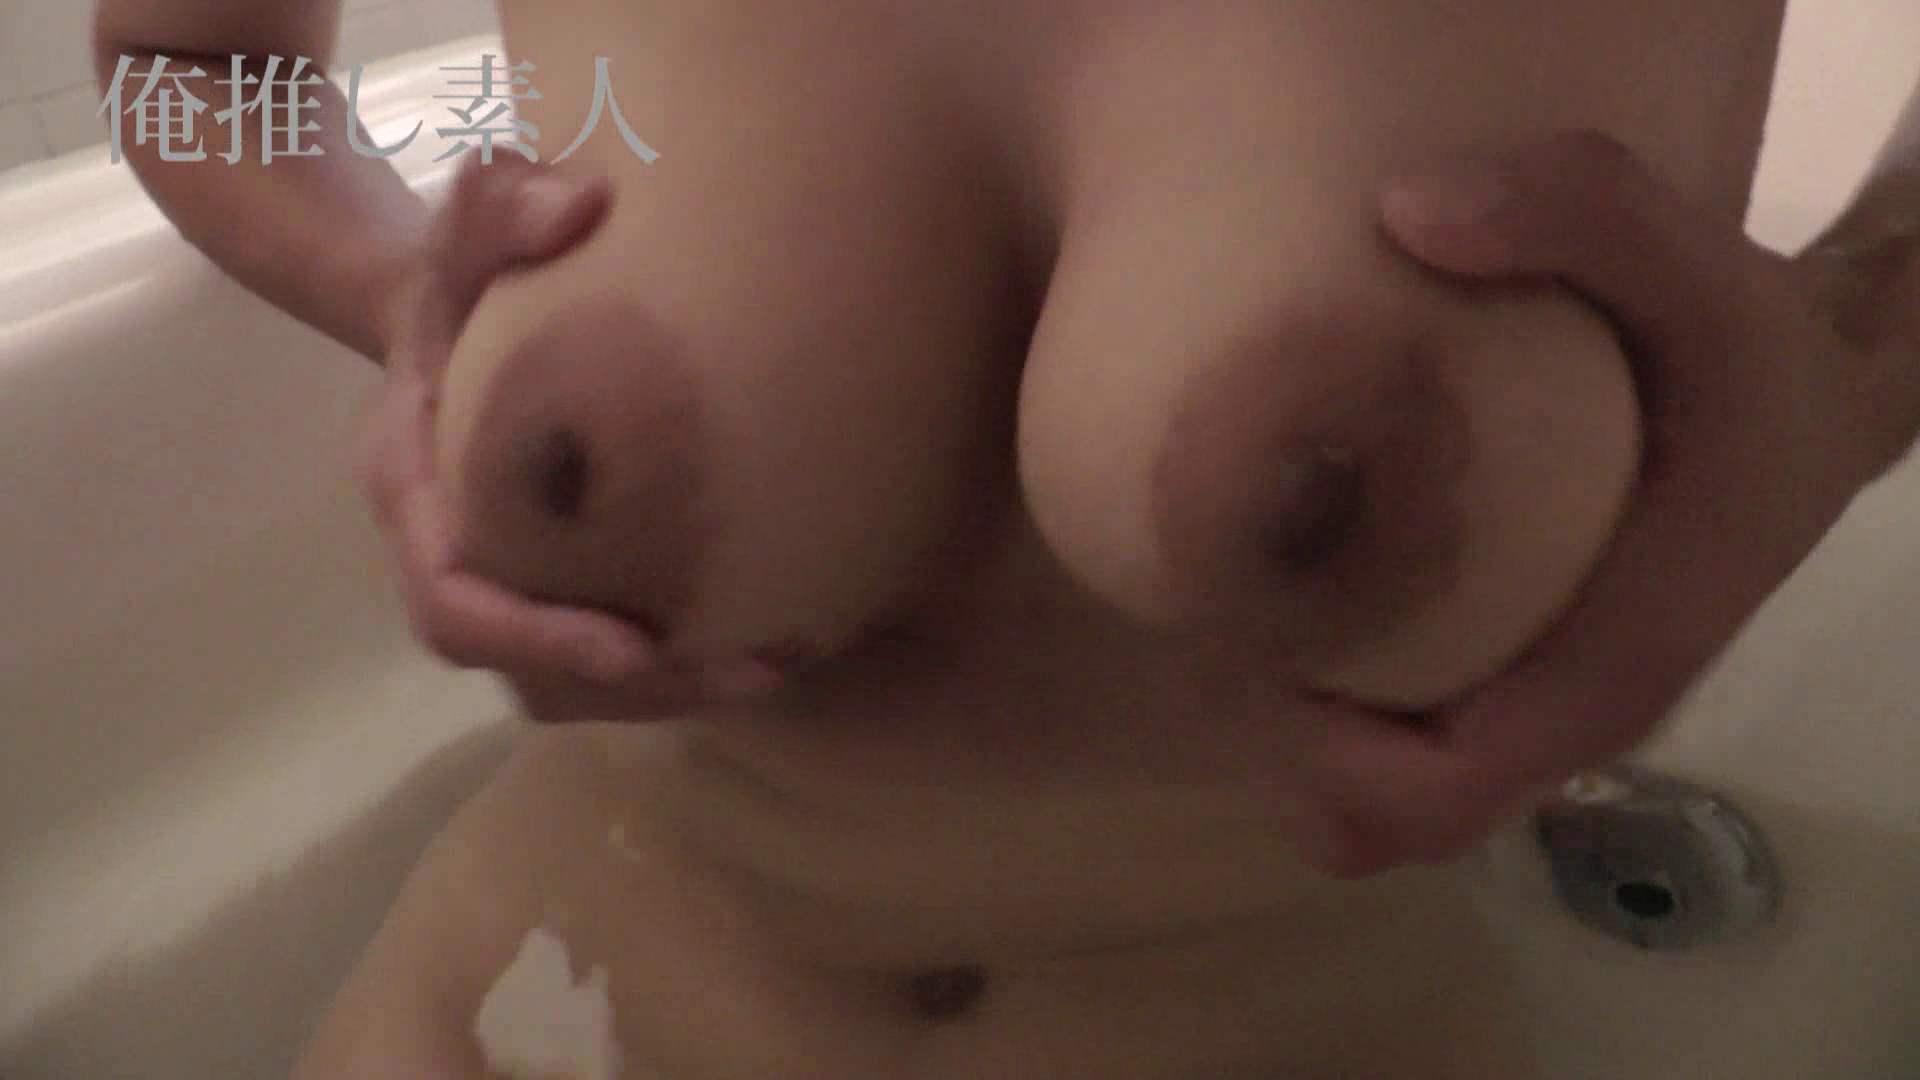 俺推し素人 30代人妻熟女キャバ嬢雫Vol.02 熟女 セックス無修正動画無料 71PIX 16